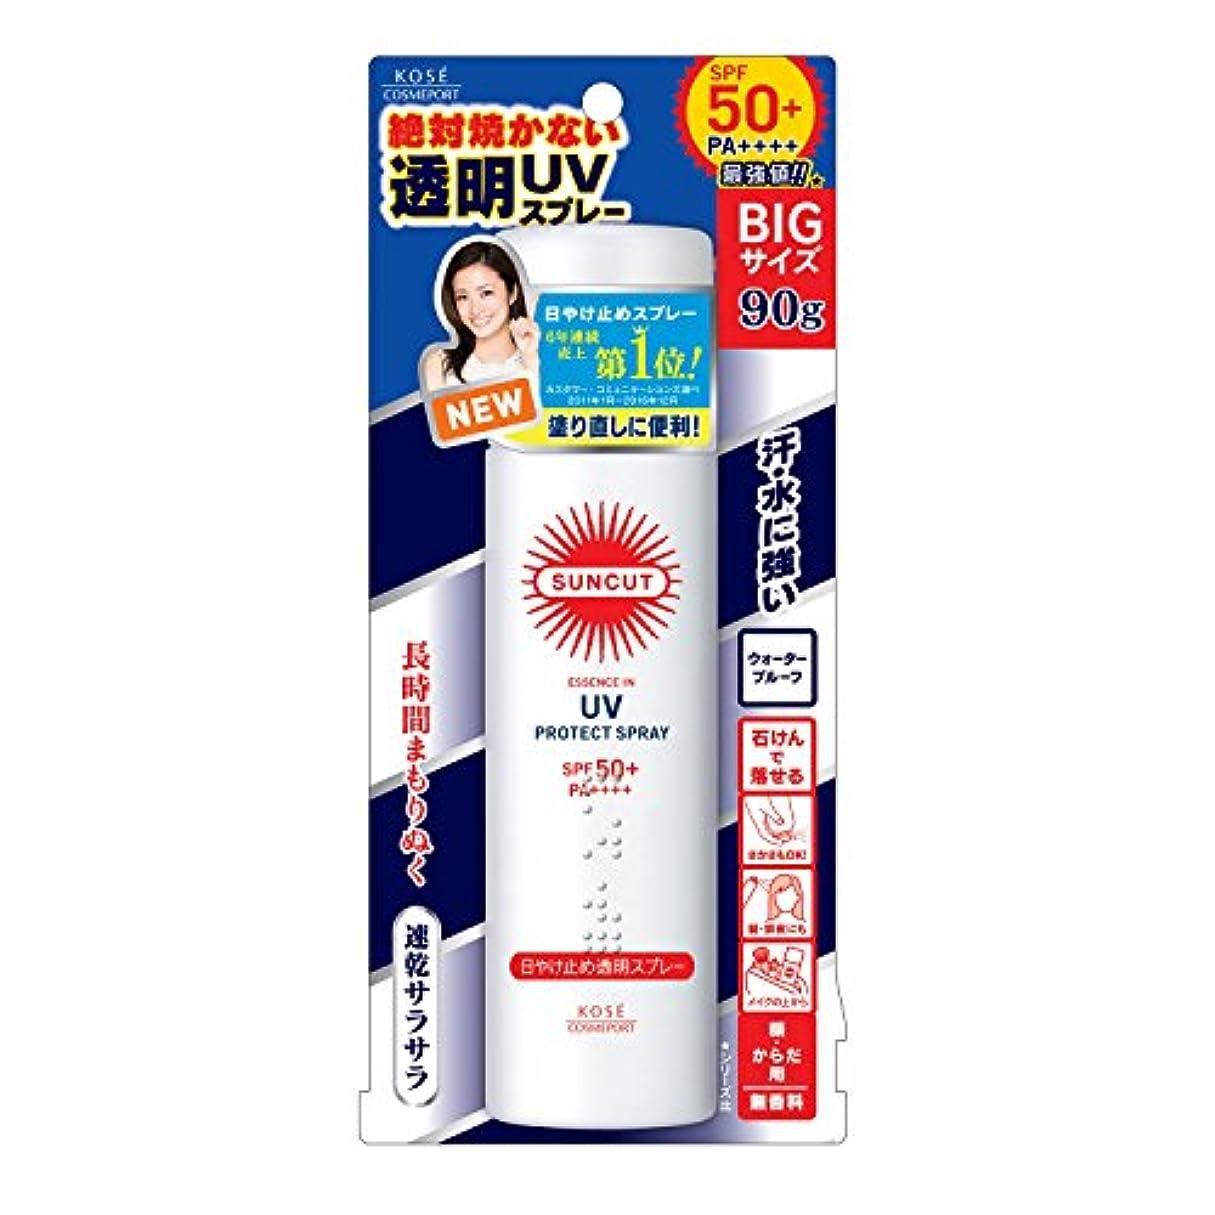 道徳全部方向KOSE コーセー サンカット 日焼け止め 透明 スプレー 無香料 90g SPF50+ PA++++